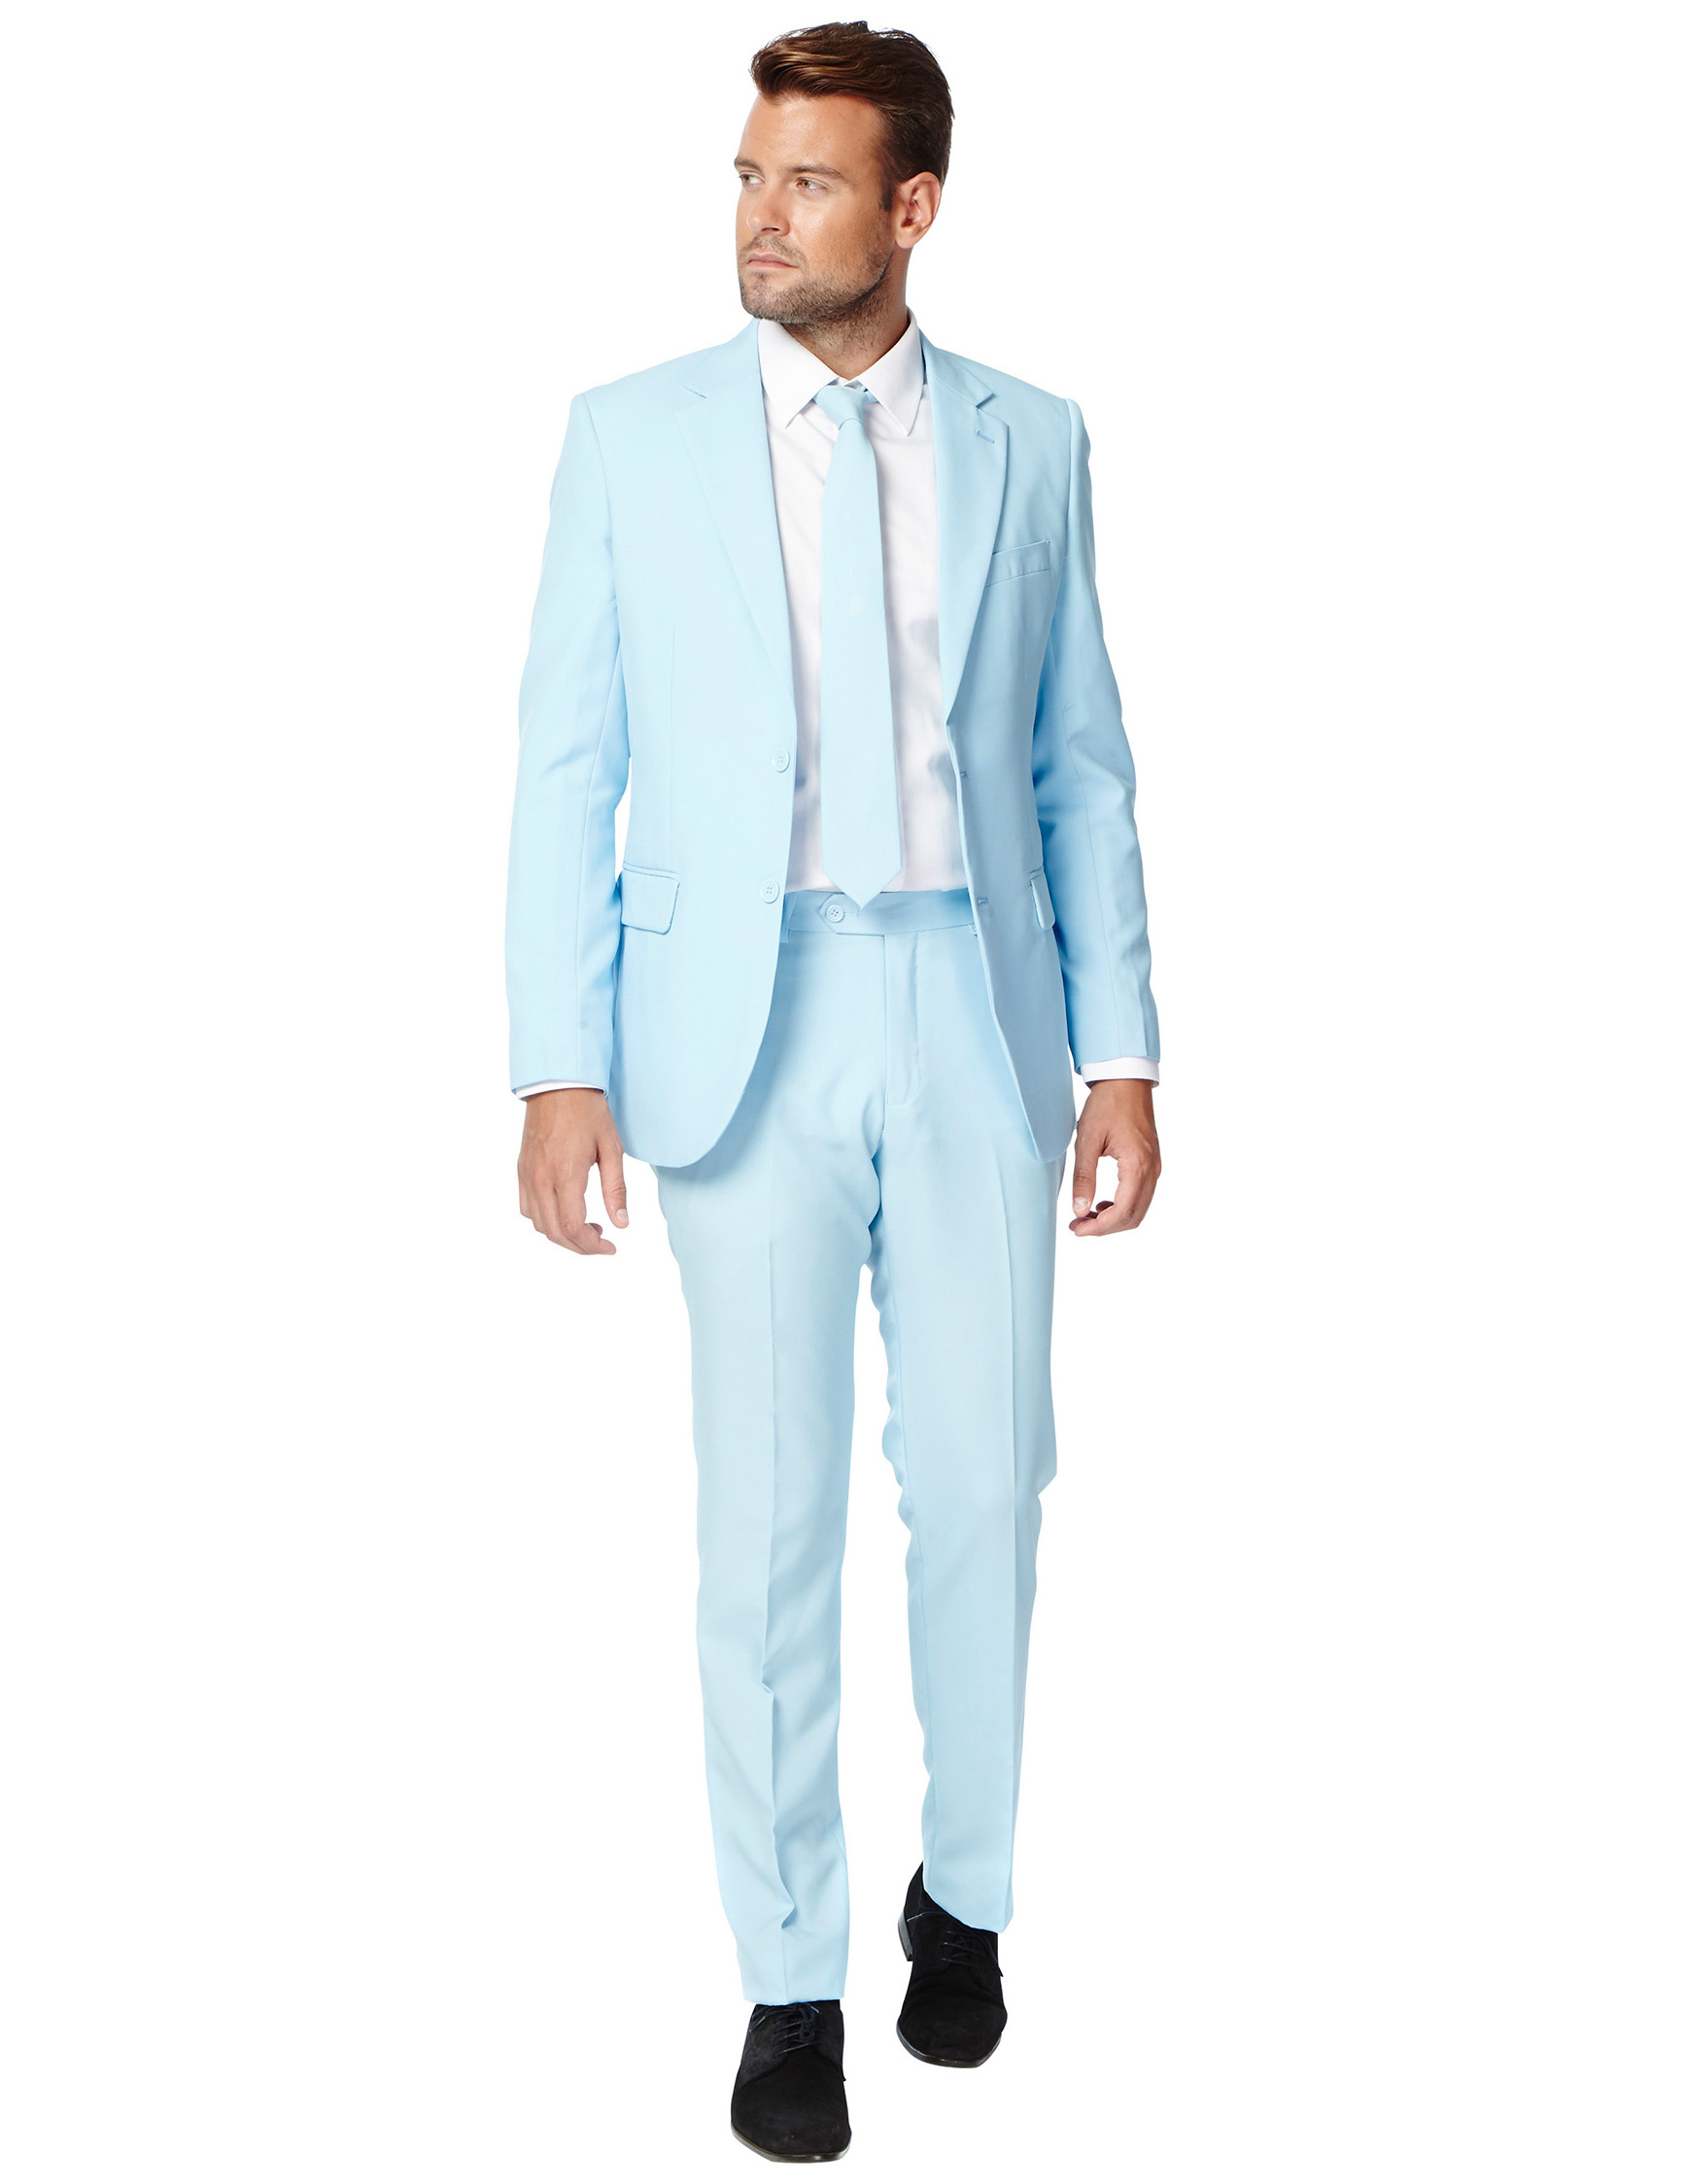 traje mr azul cielo hombre opposuits disfraces adultos y disfraces originales baratos vegaoo. Black Bedroom Furniture Sets. Home Design Ideas